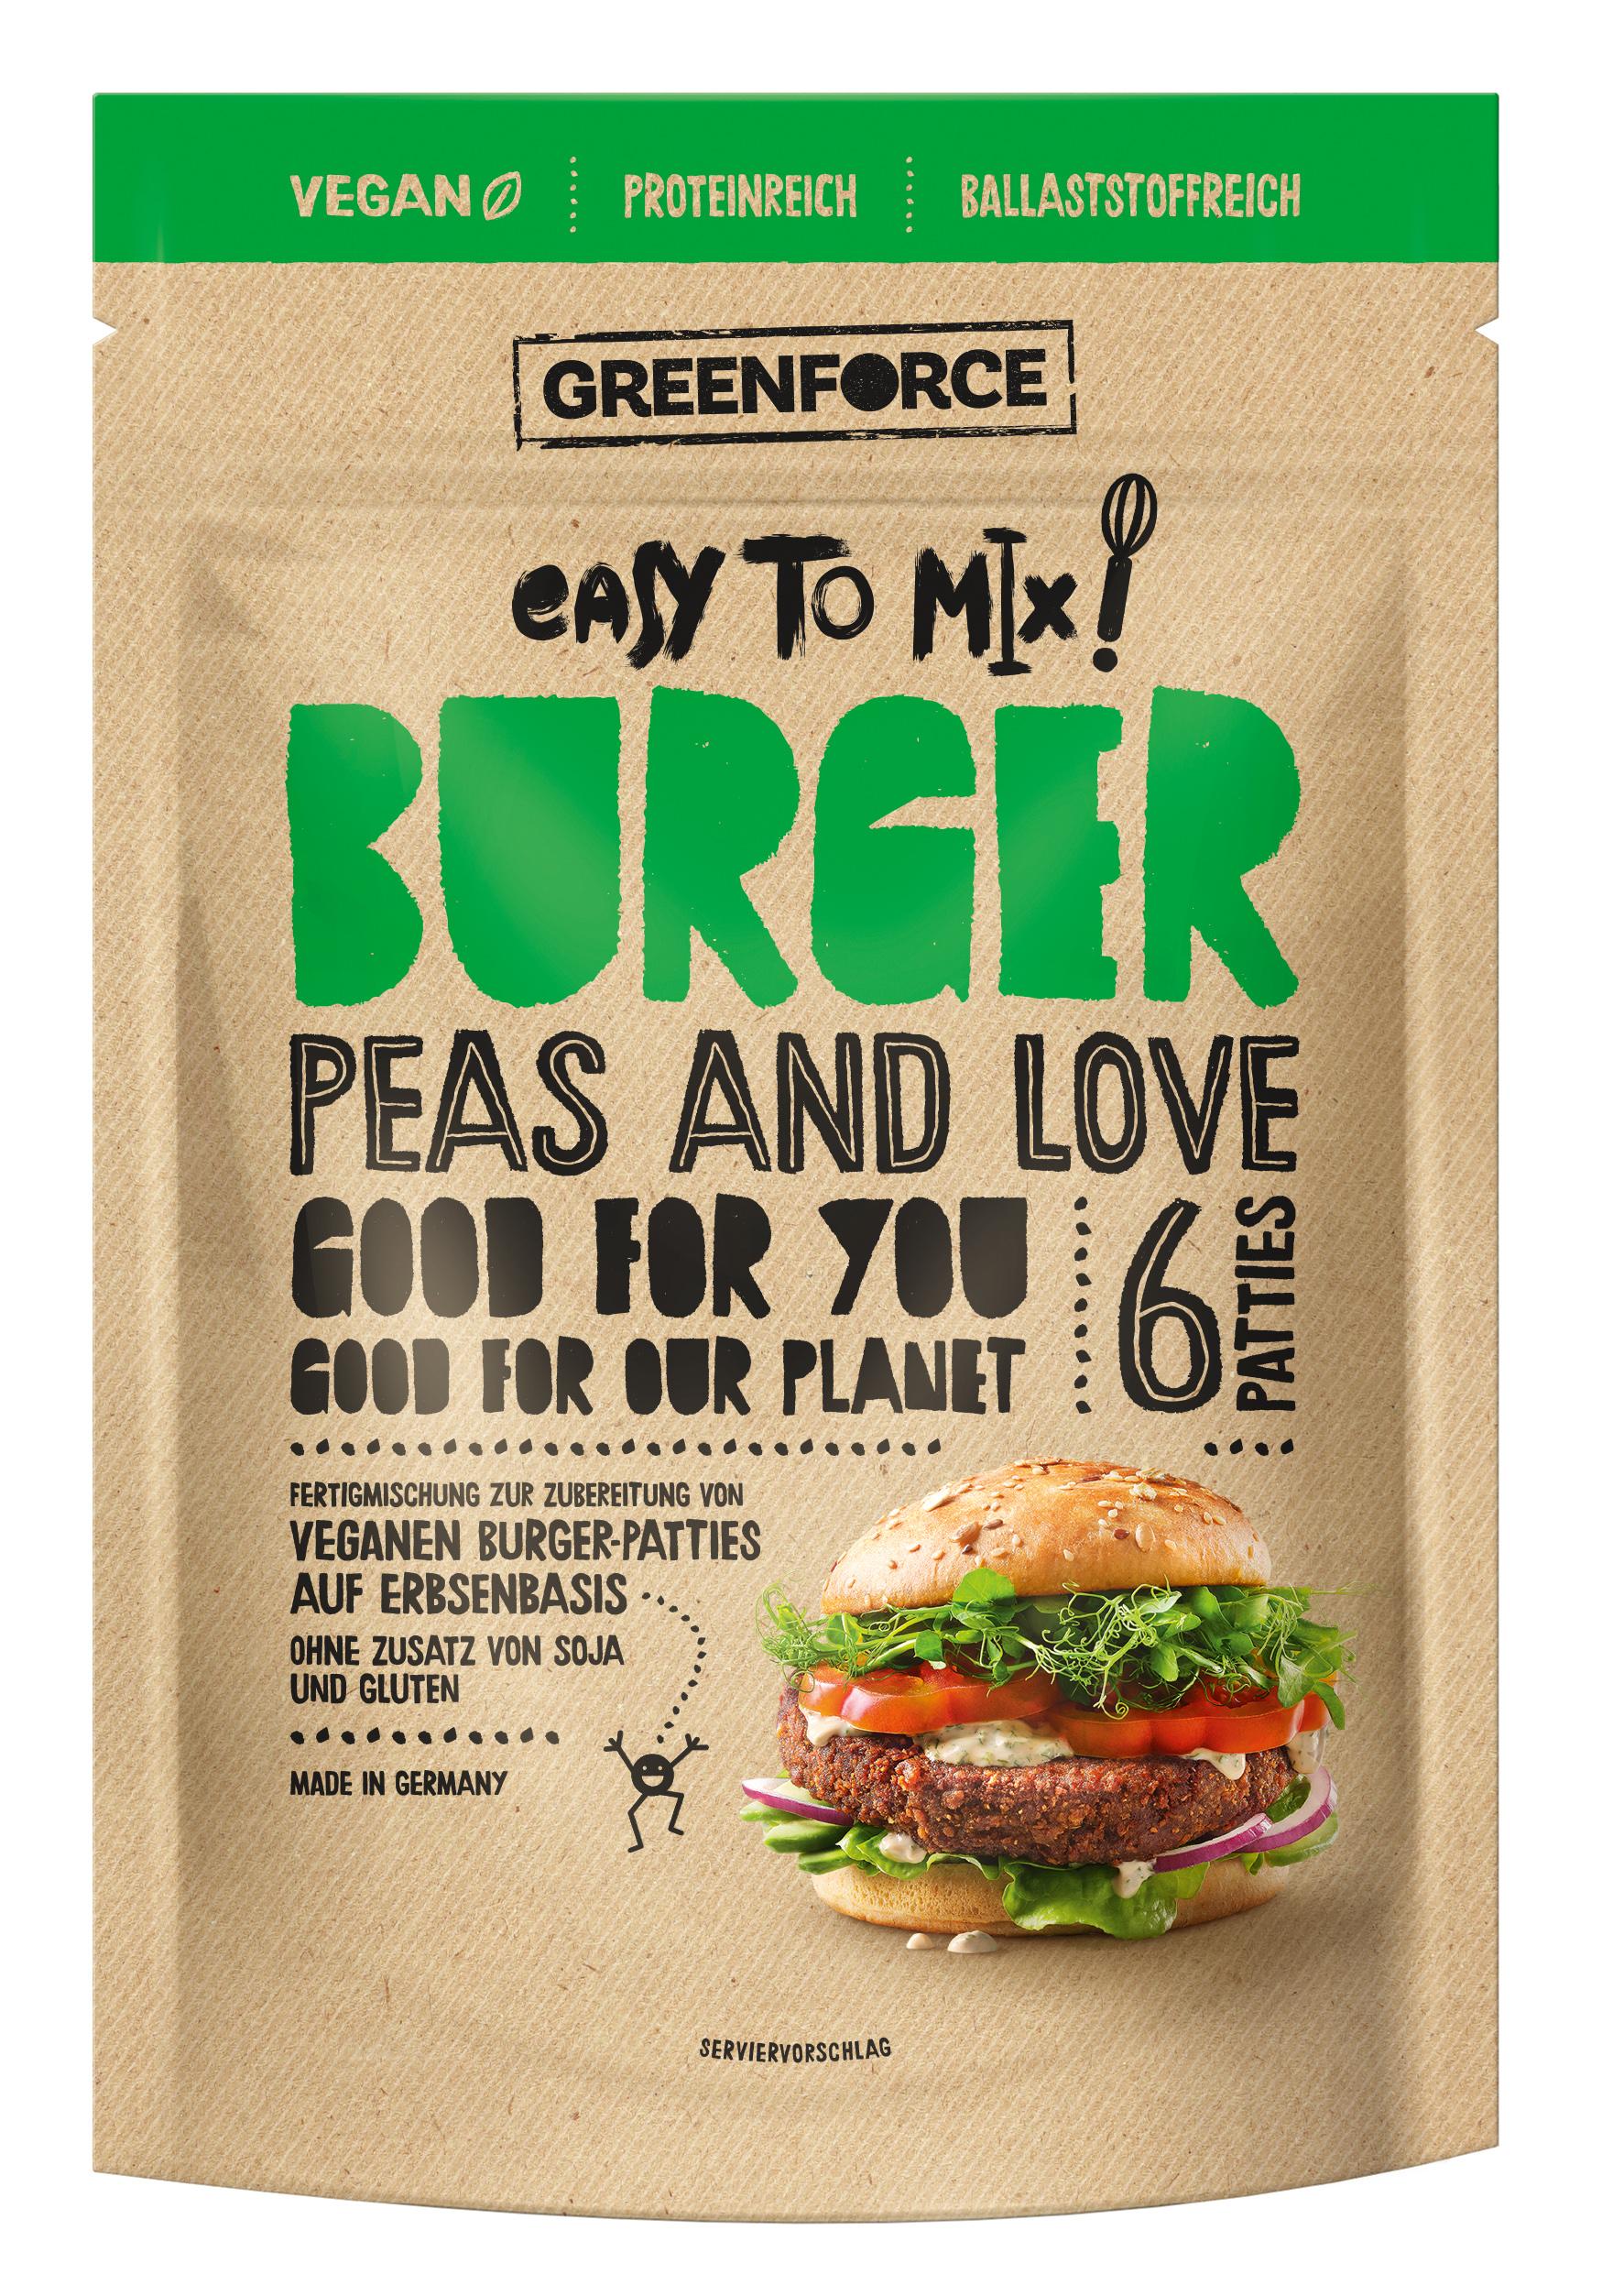 Burger Packshots für greenforce. Hier ist ein Hamburger mit veganem Patty zu sehen.